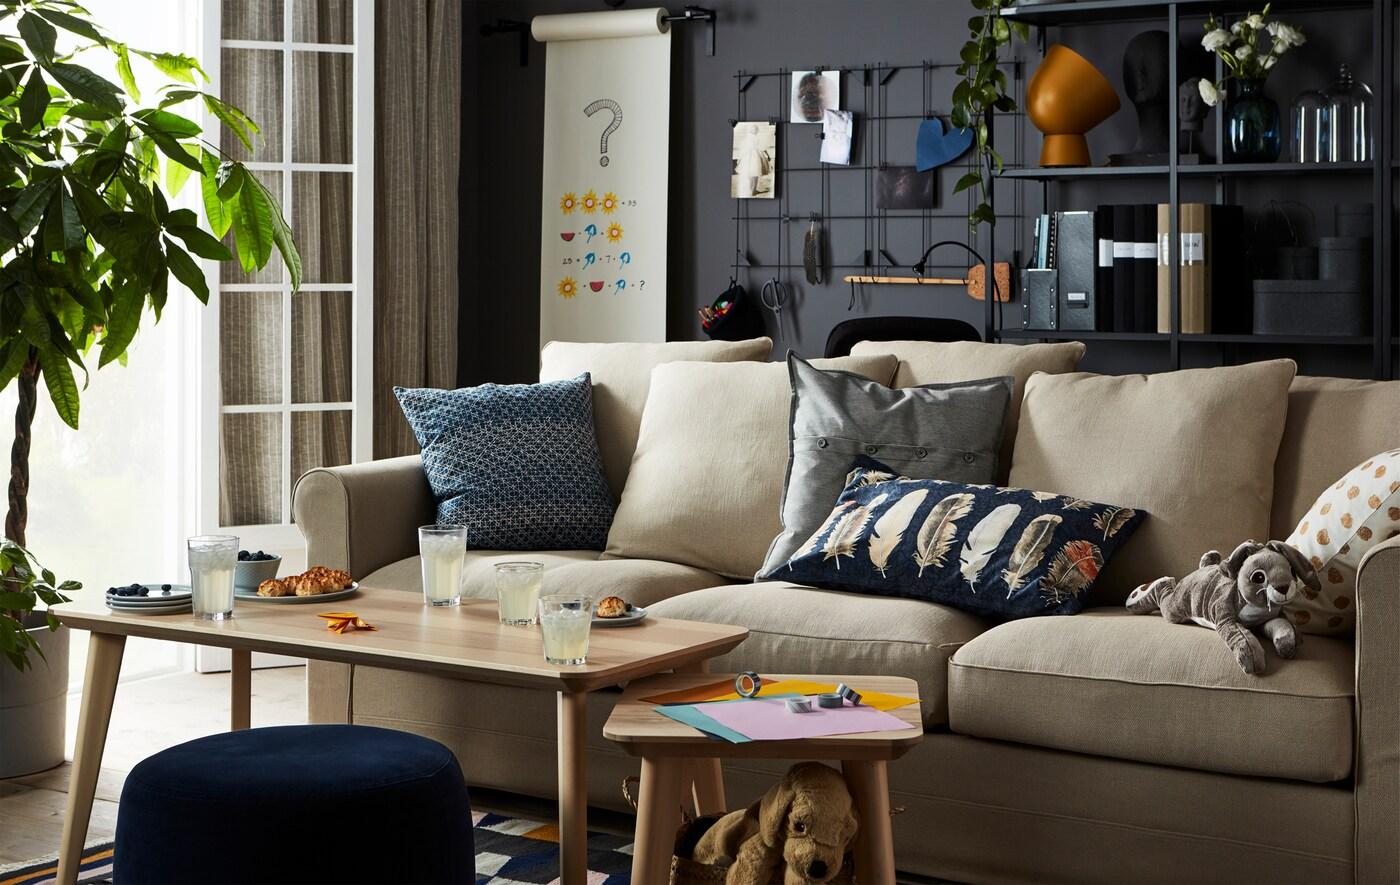 Obývací pokoj s pohovkou a stolkem, na stolku občerstvení a papíry na origami